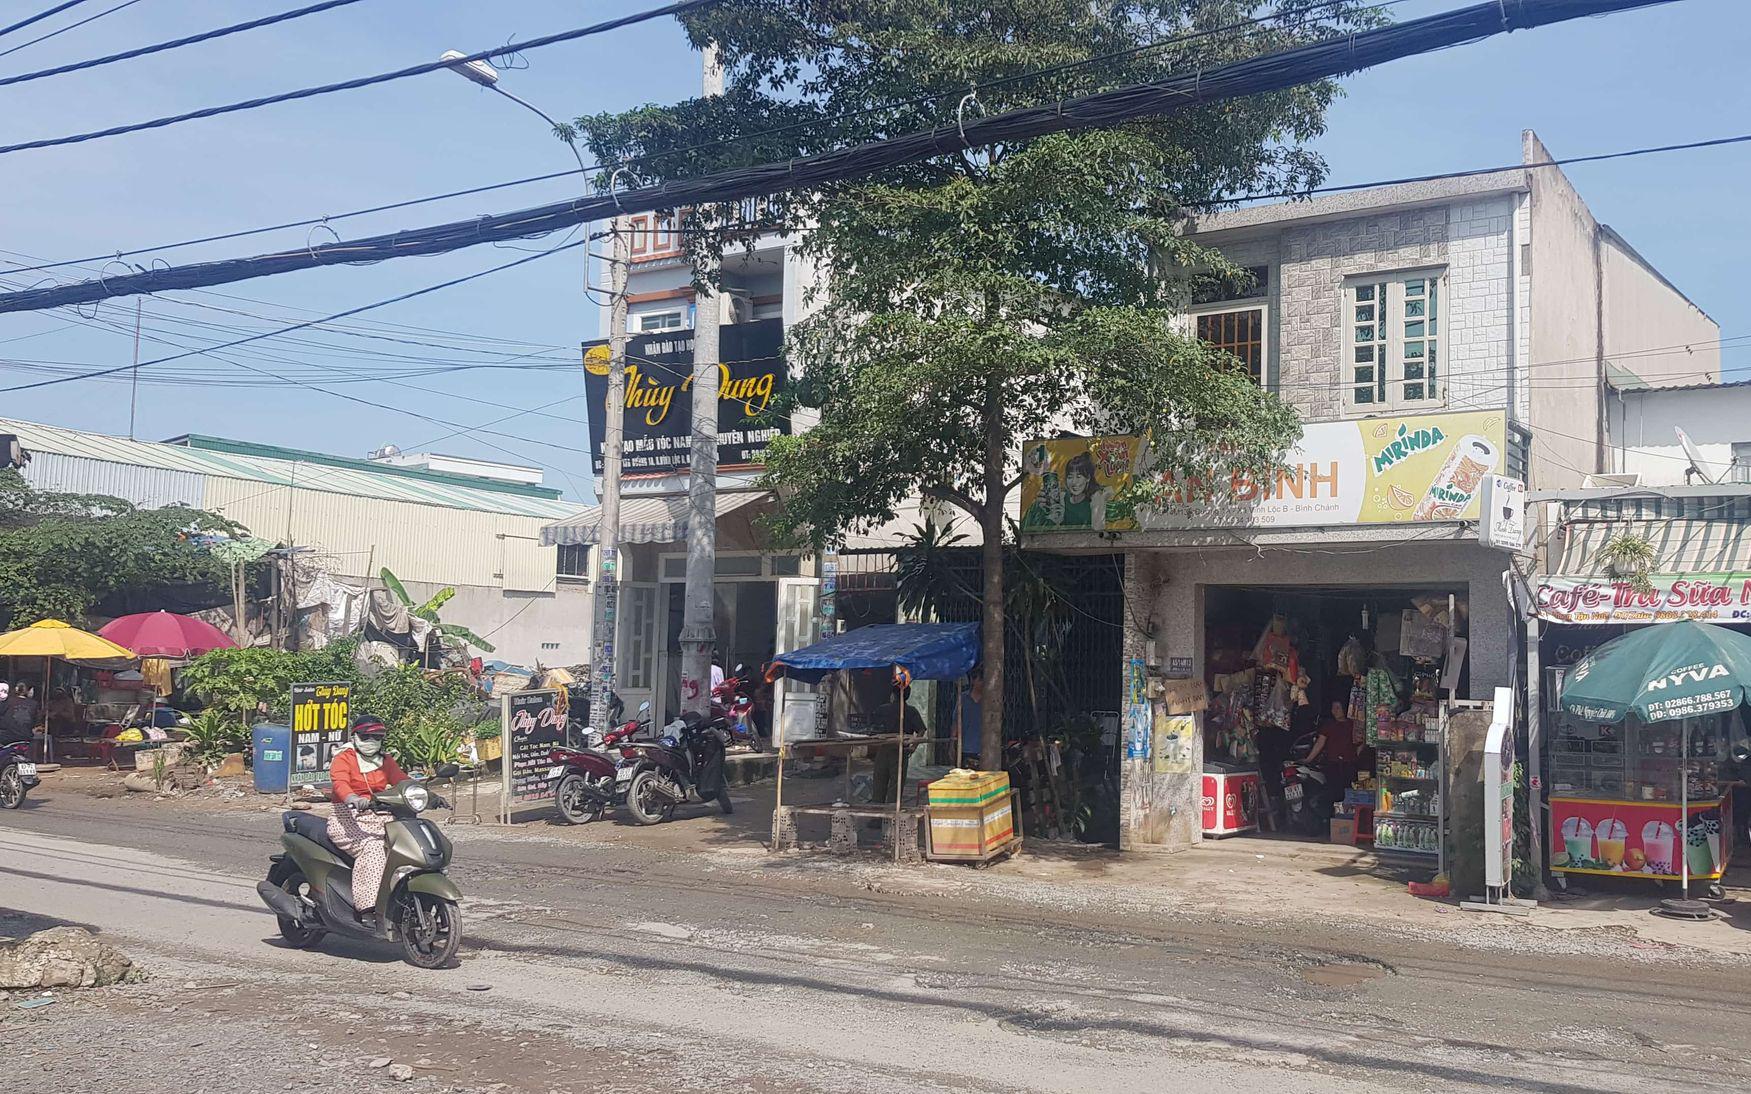 Mâu thuẫn tiền bạc, người đàn ông bị đâm chết ở vùng ven Sài Gòn